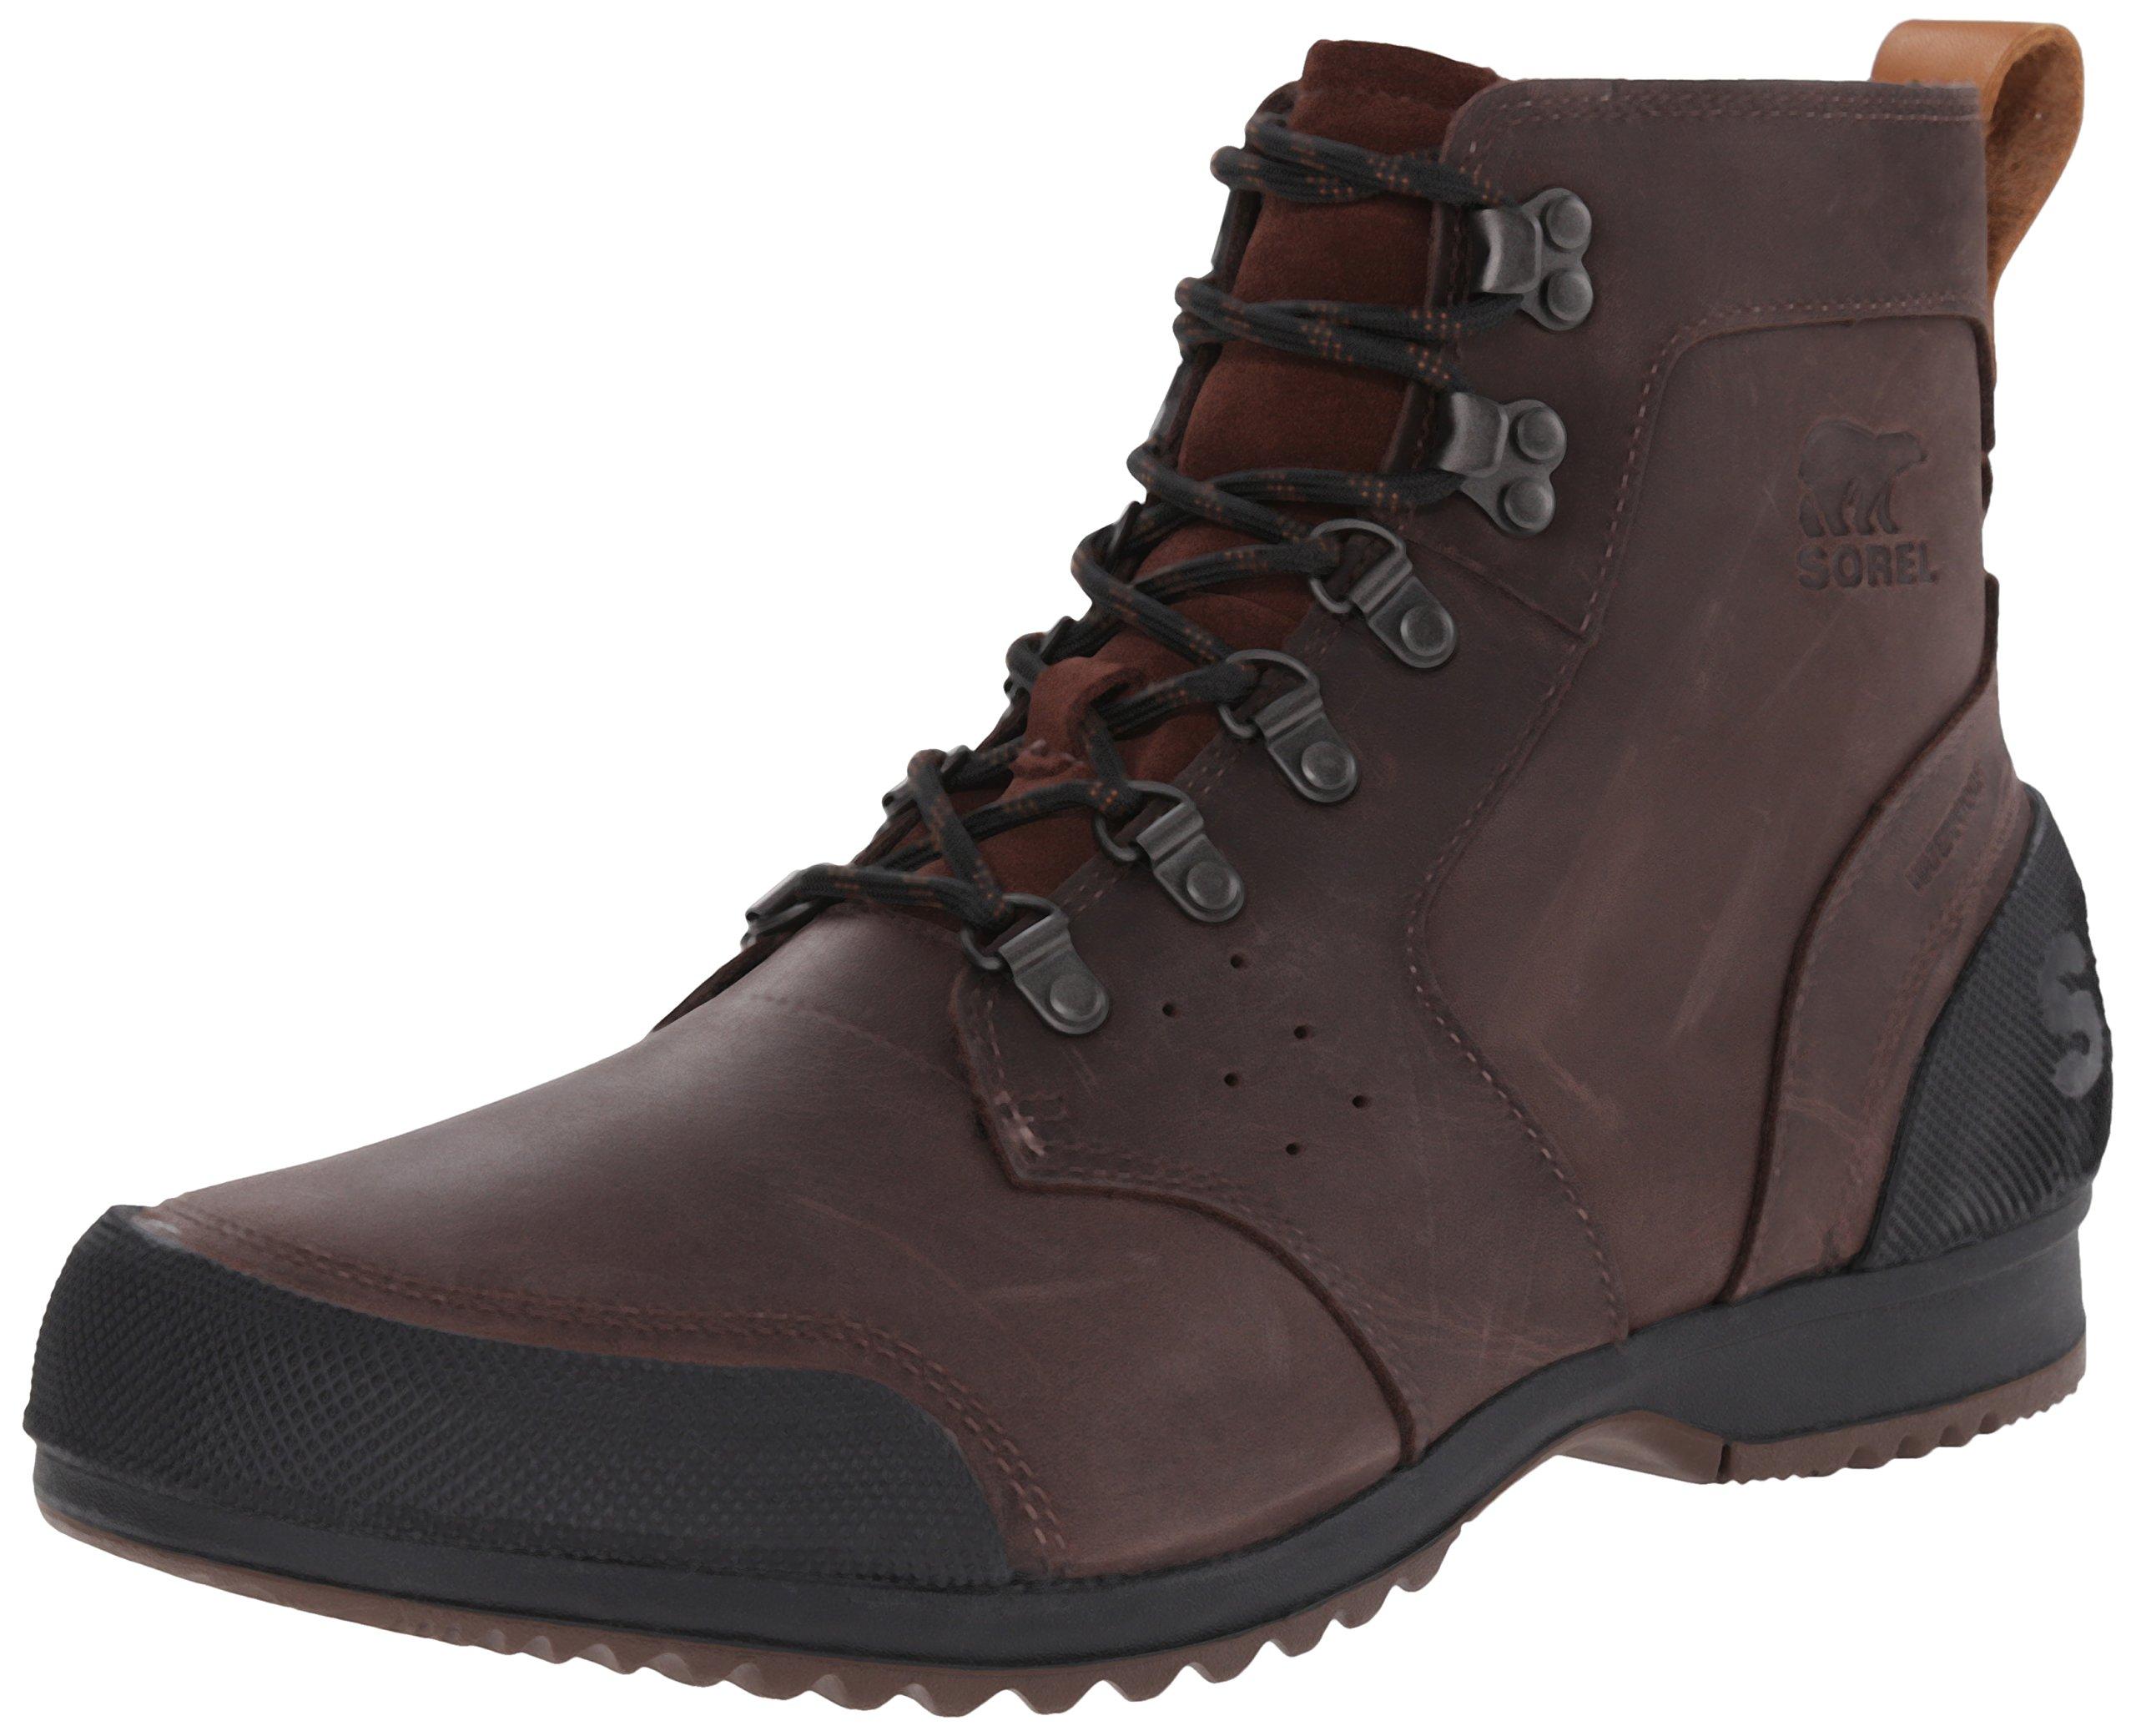 SOREL Mens Ankeny Mid Hiker Short Boot, Tobacco/Black, 12 B(M) US